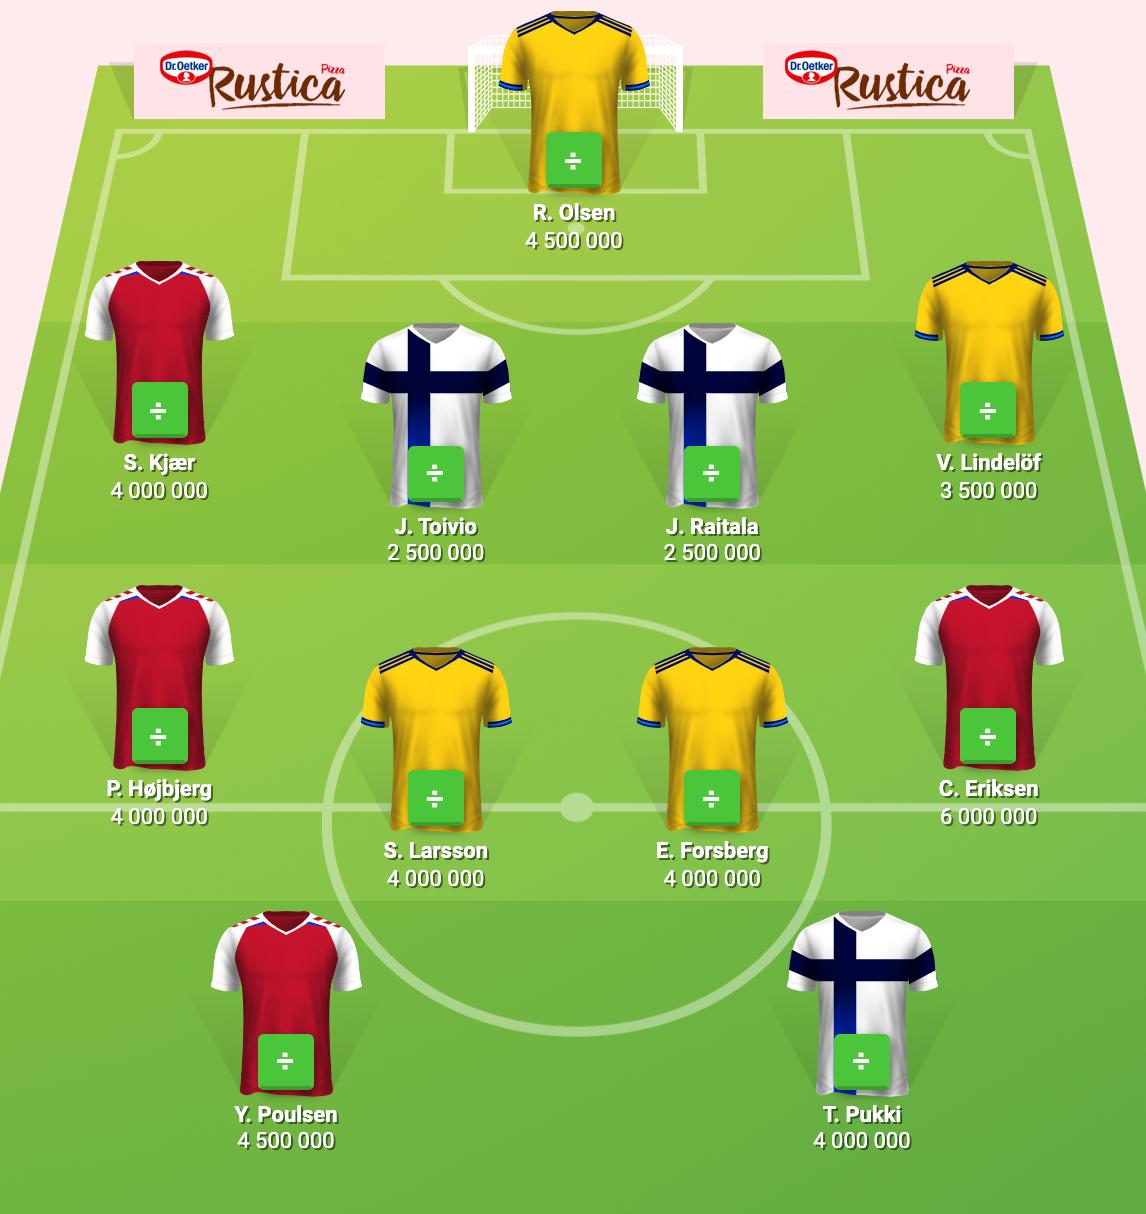 Jimmie Åkessons EM-elva med endast nordiska spelare och sex och en halv miljon kvar på banken.